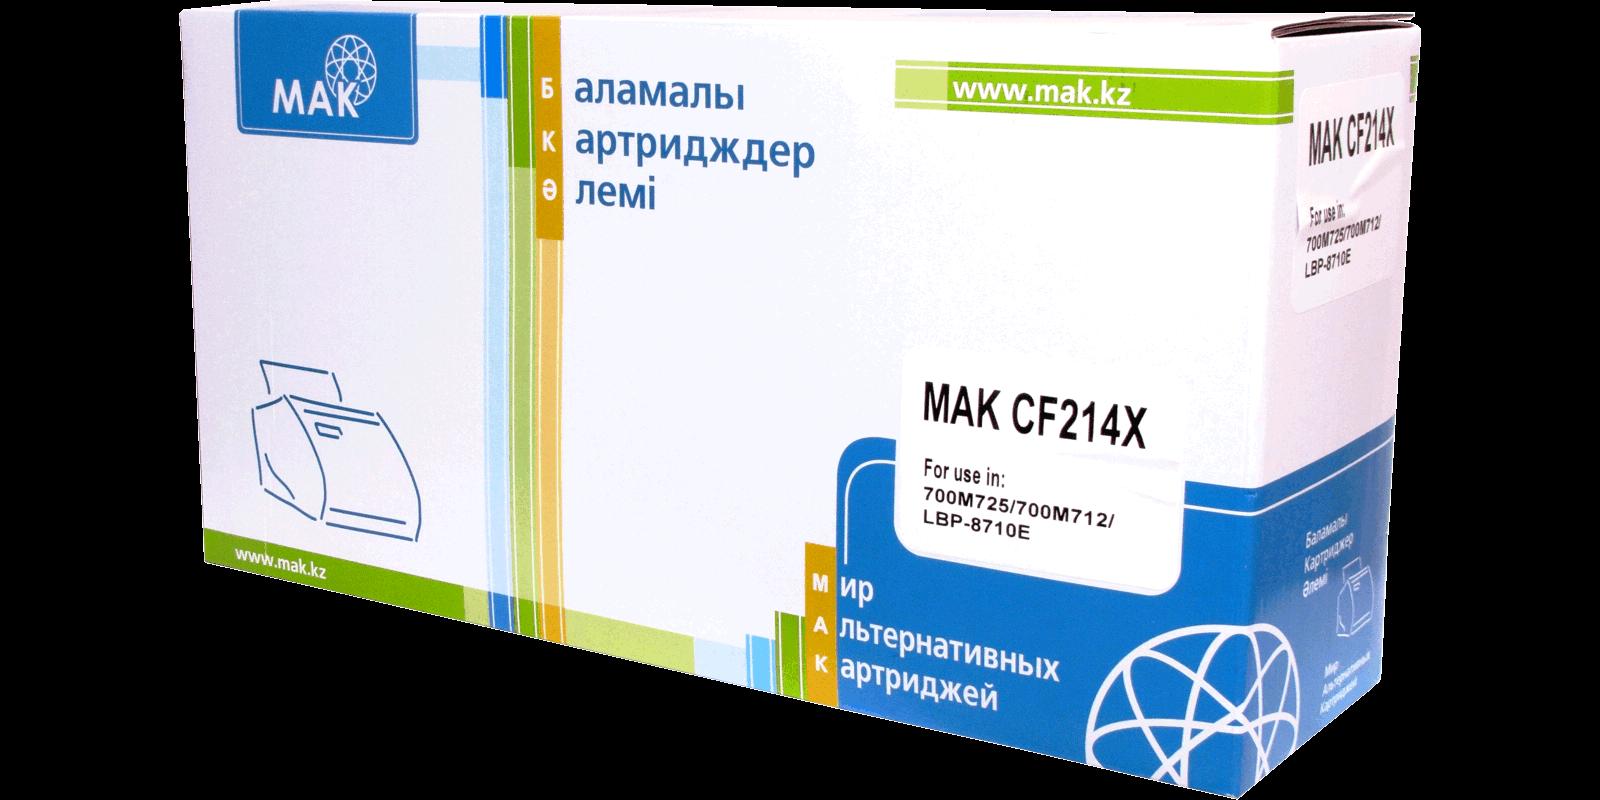 Картридж для лазерного принтера MAK© №14X CF214X Black